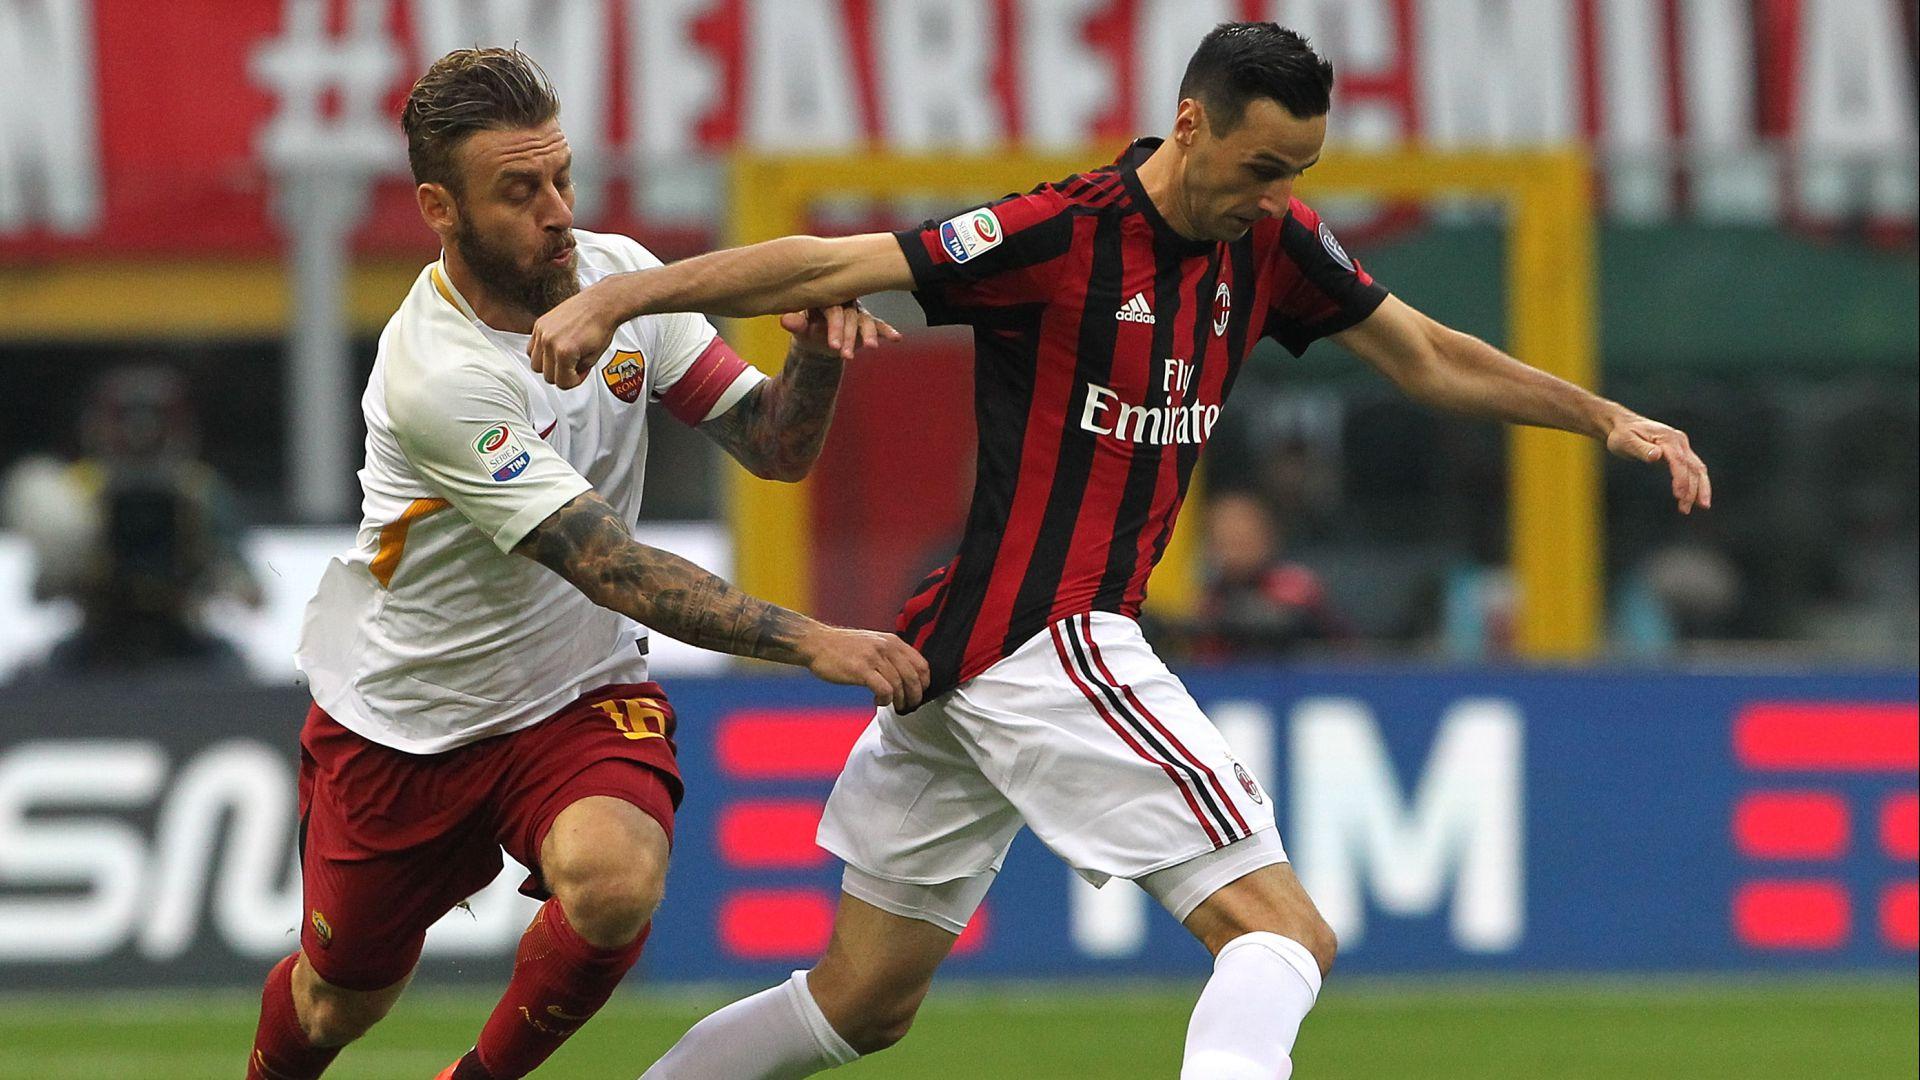 Milan-Roma 0-0: reti inviolate a San Siro, Strootman esce per infortunio